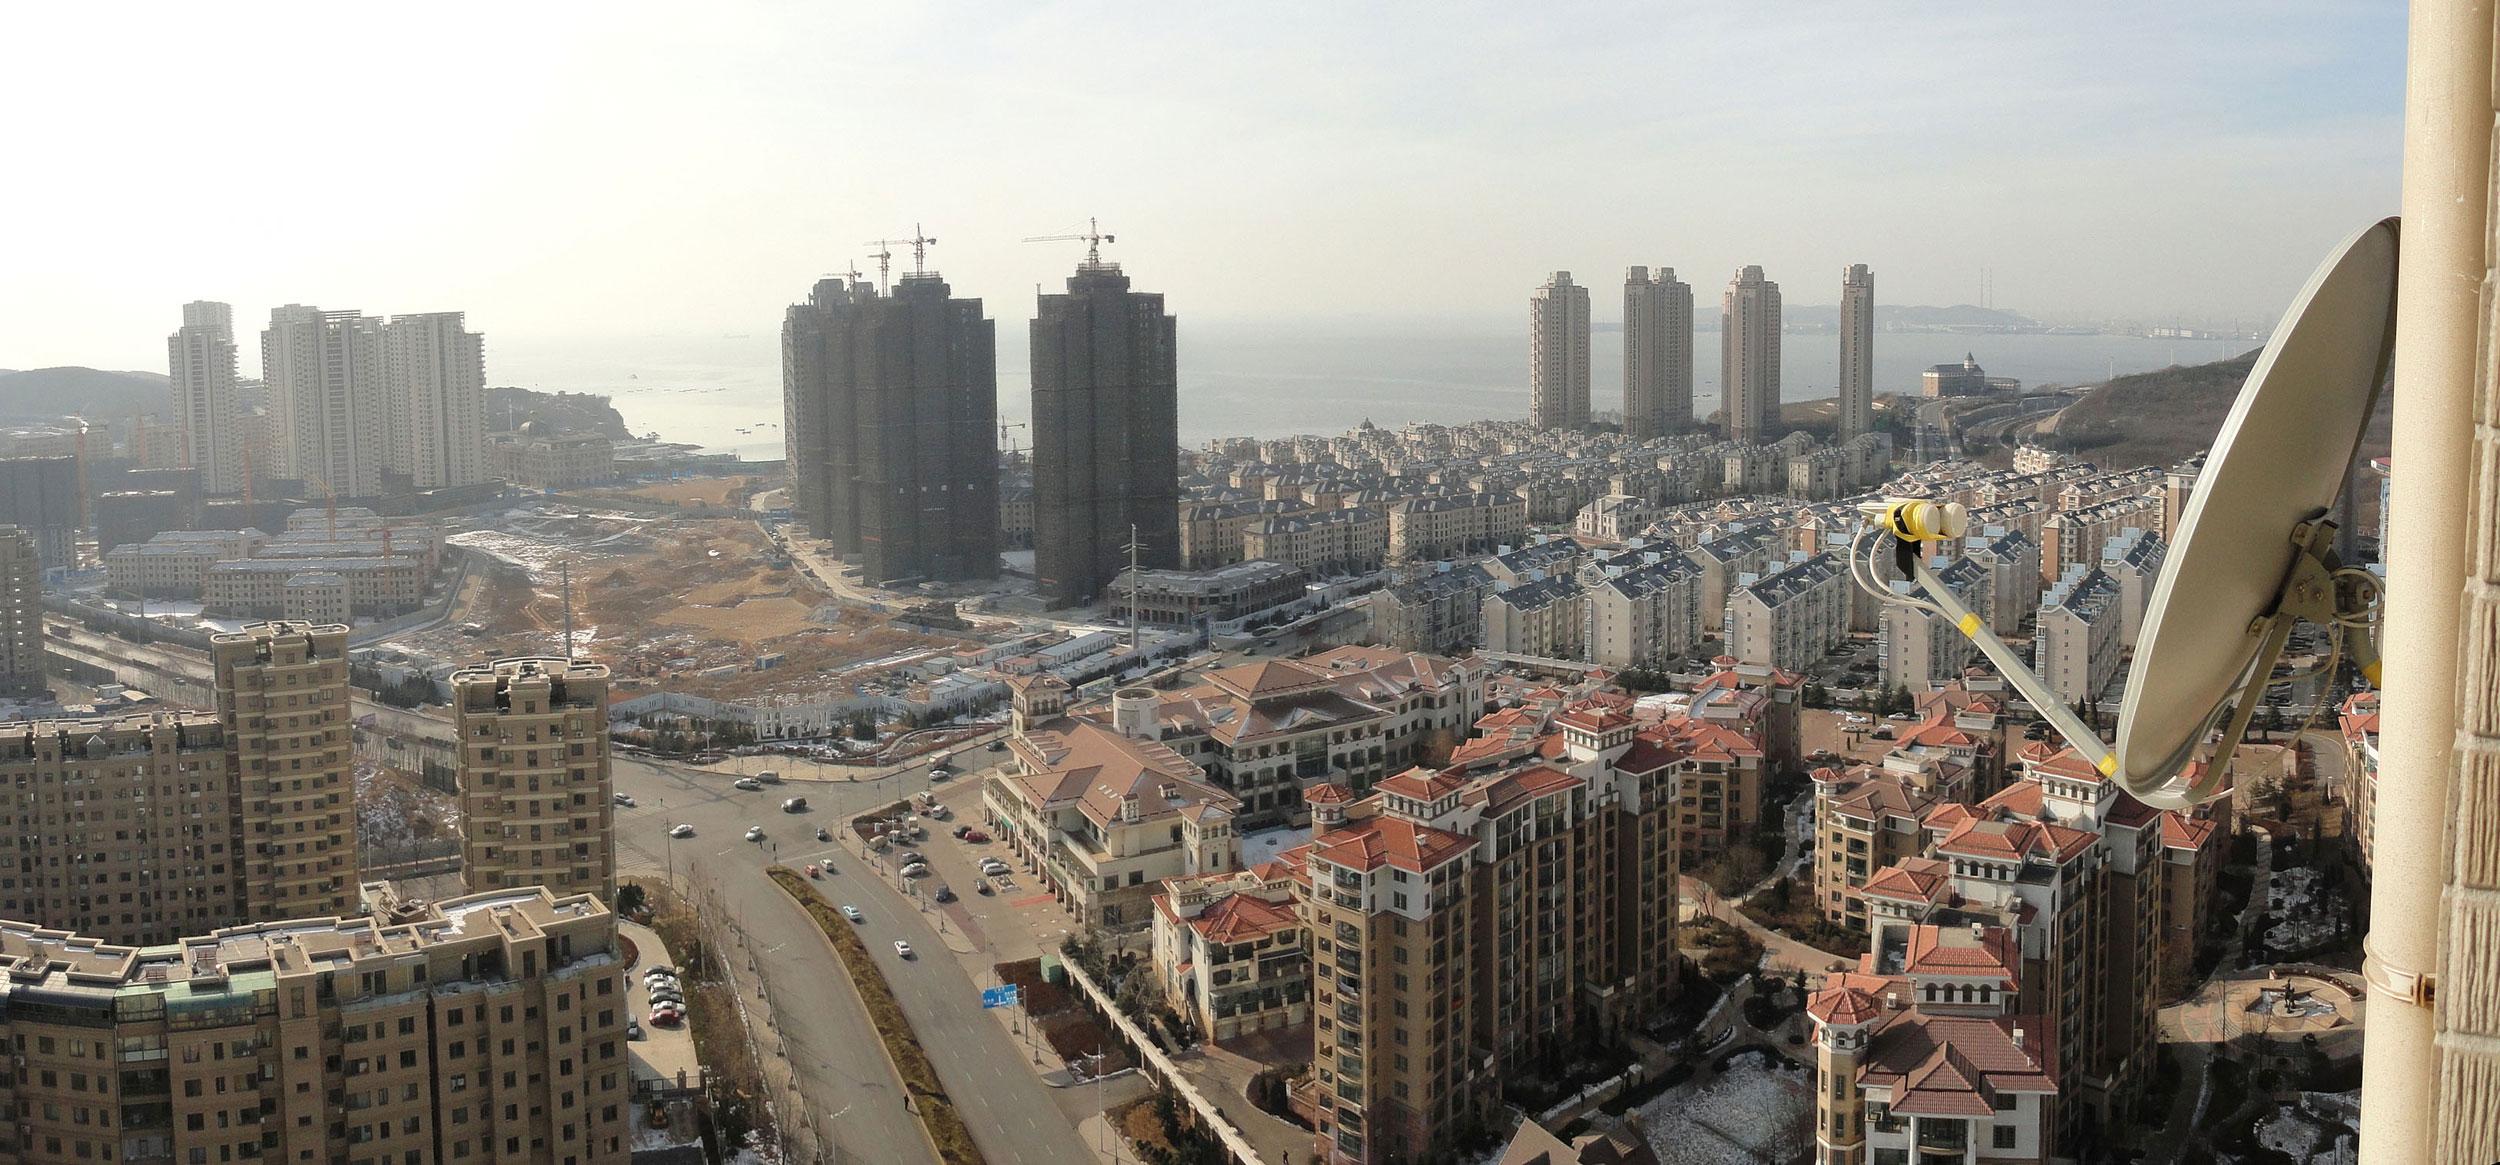 Dalian-New-Devl-housing-projects-1